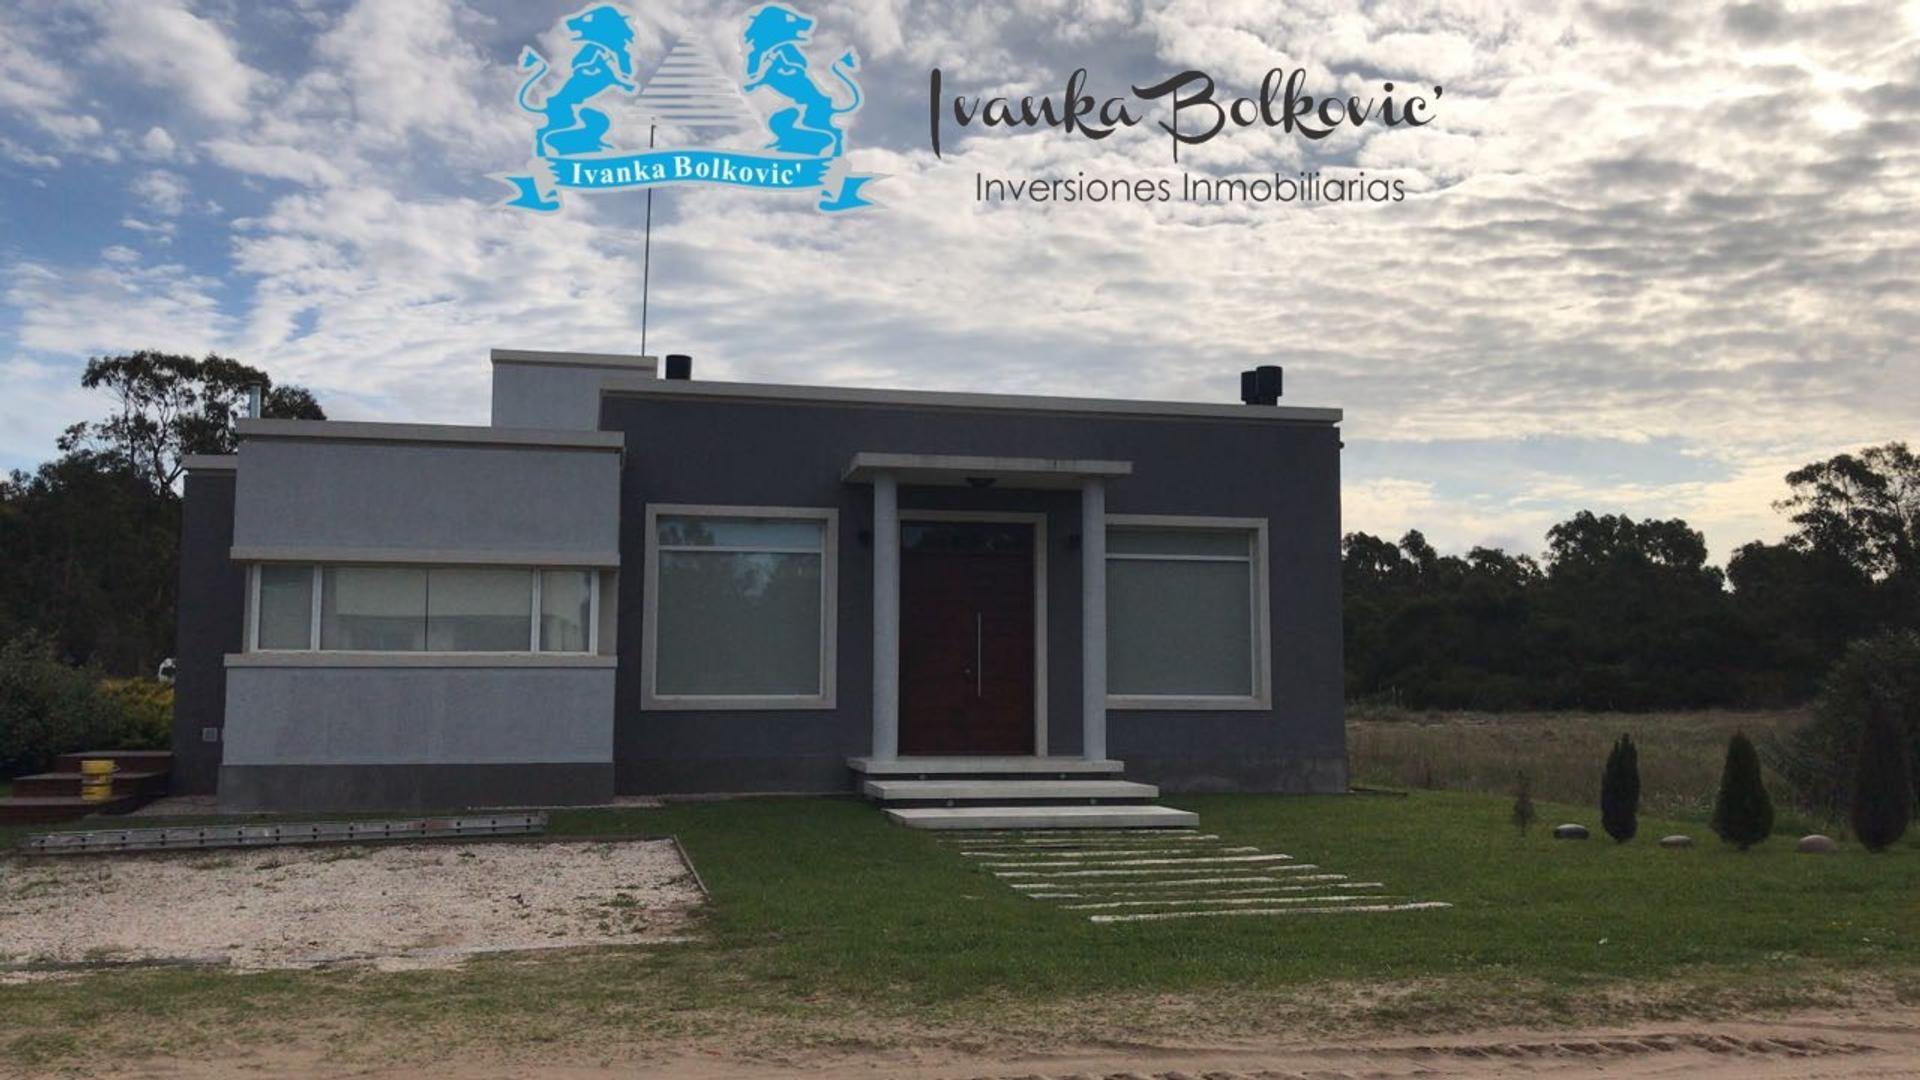 Si buscas una casa solida de ambientes amplios y confortable? ESTA ES TU CASA!!